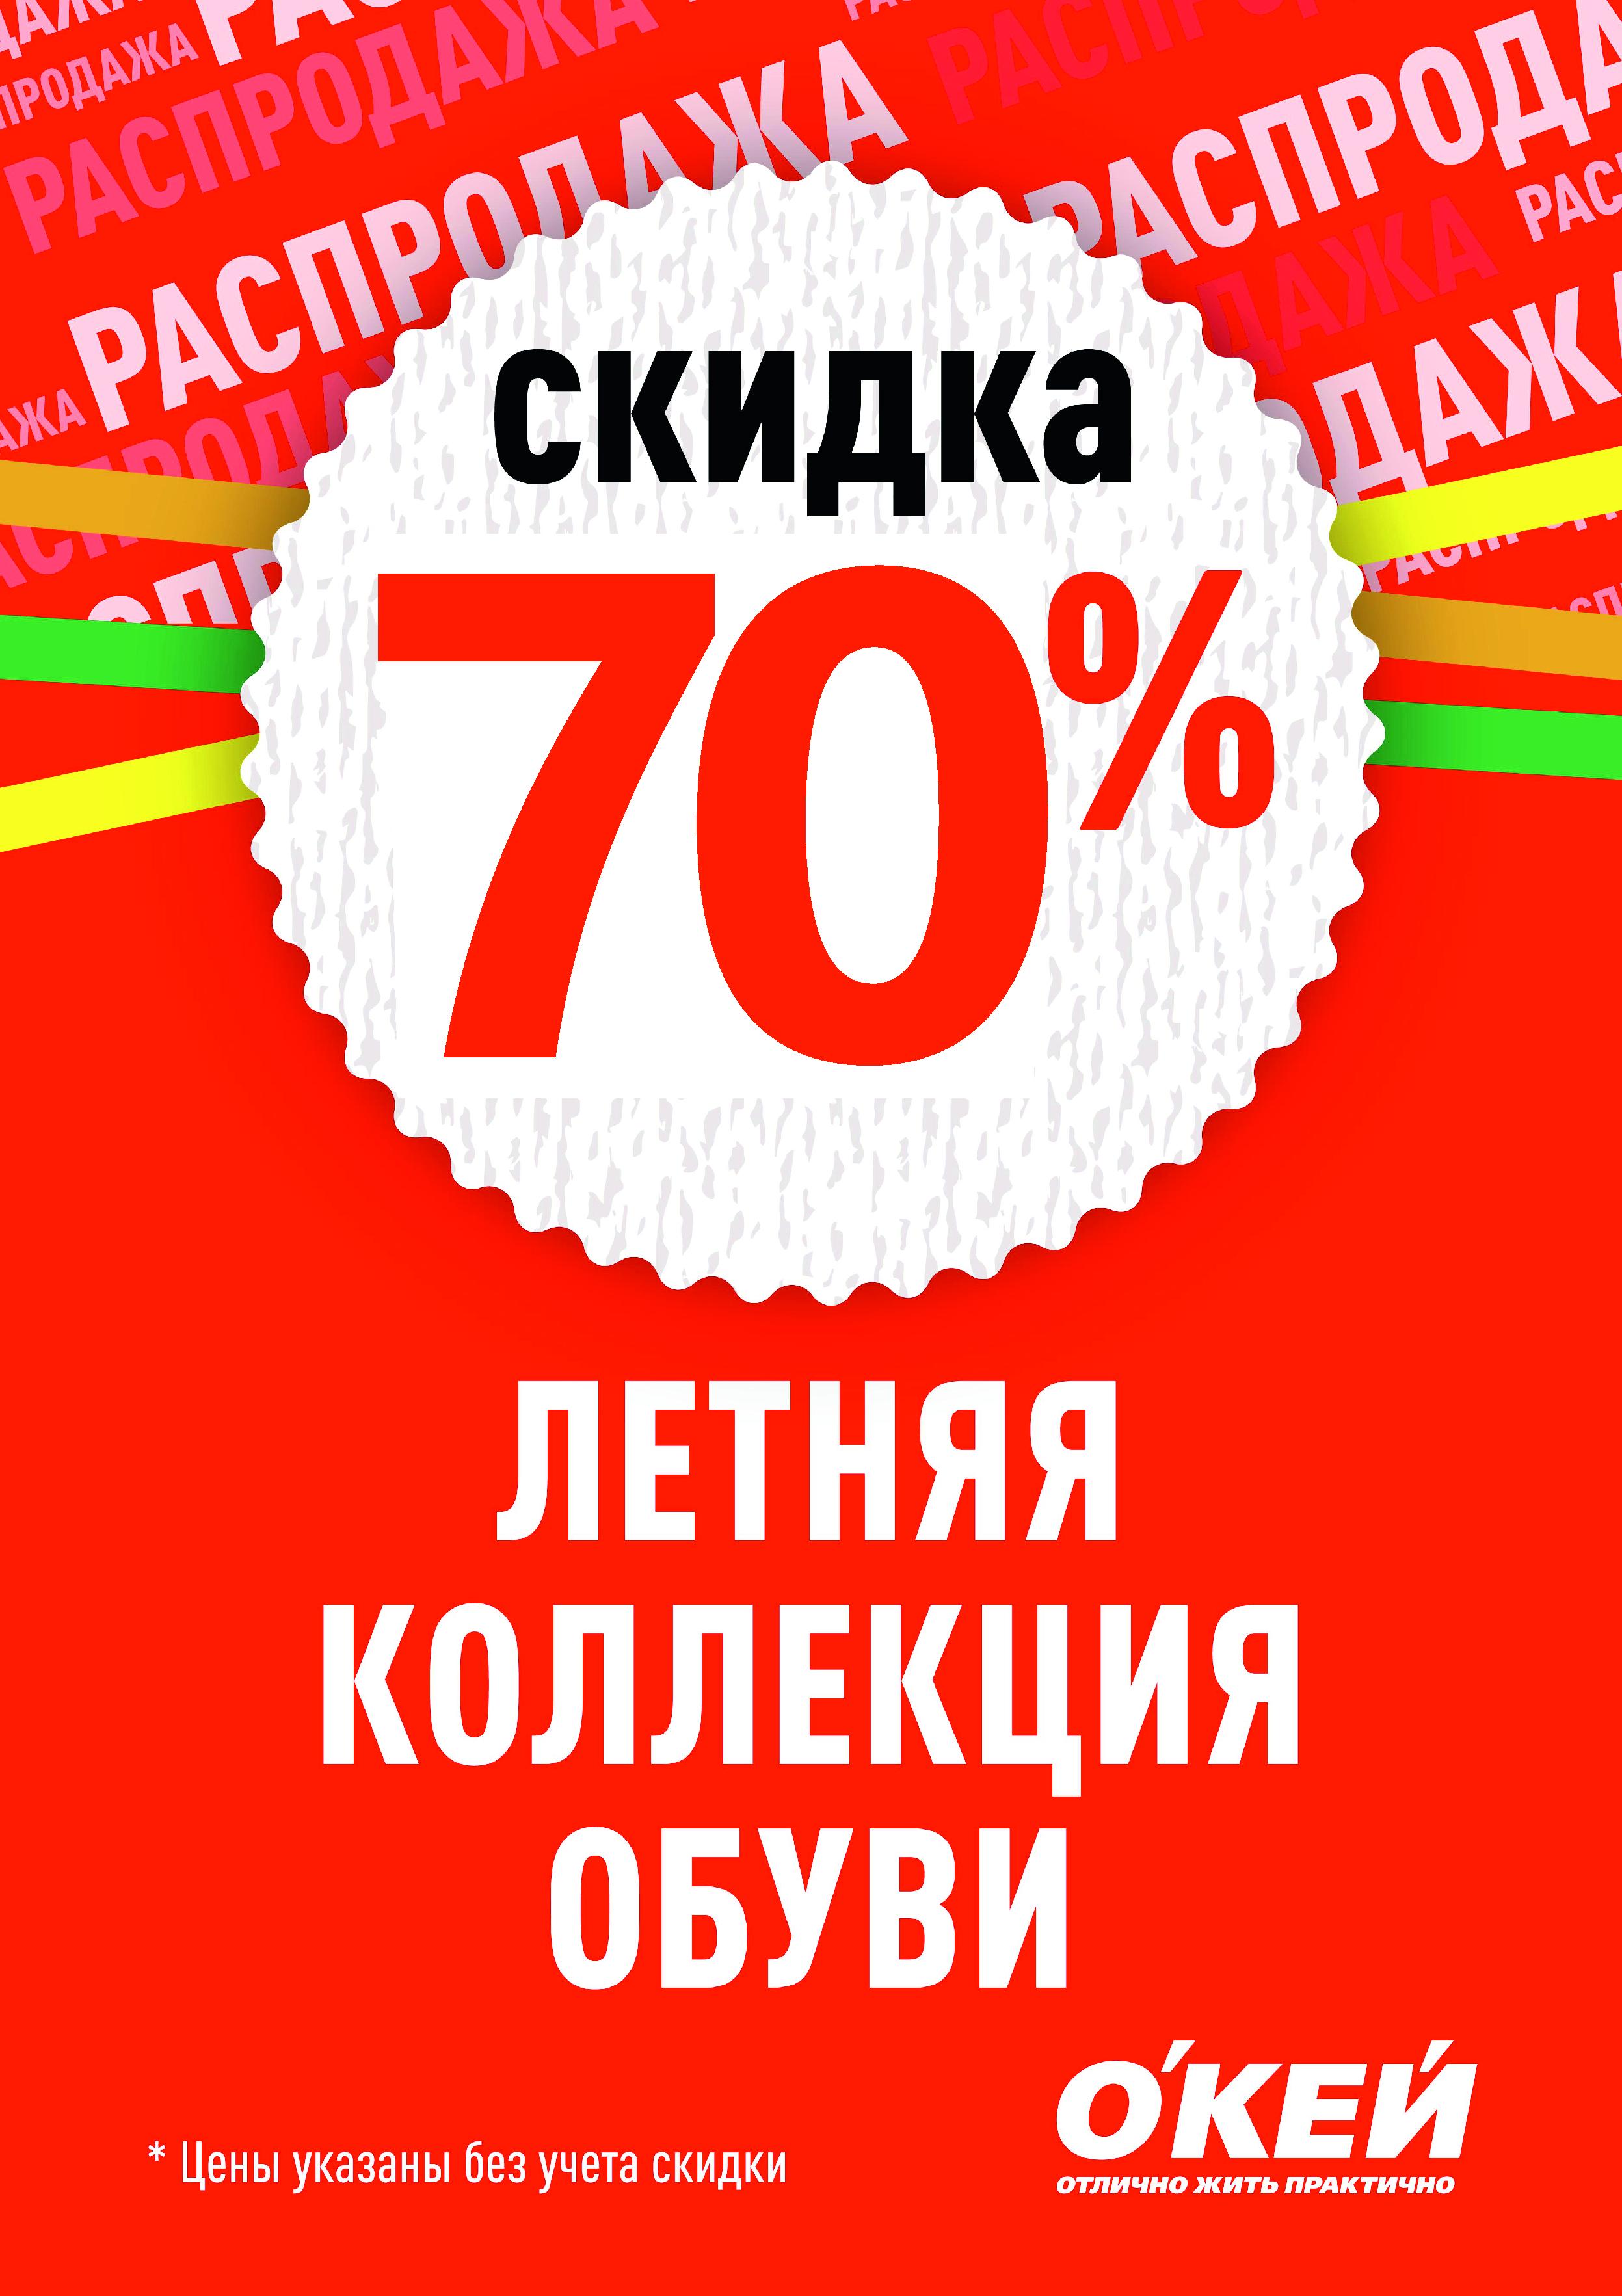 Скидка 70% на летнюю коллекцию обуви!   Новости   ТРЦ «Фабри» 8ce2ff54c0f